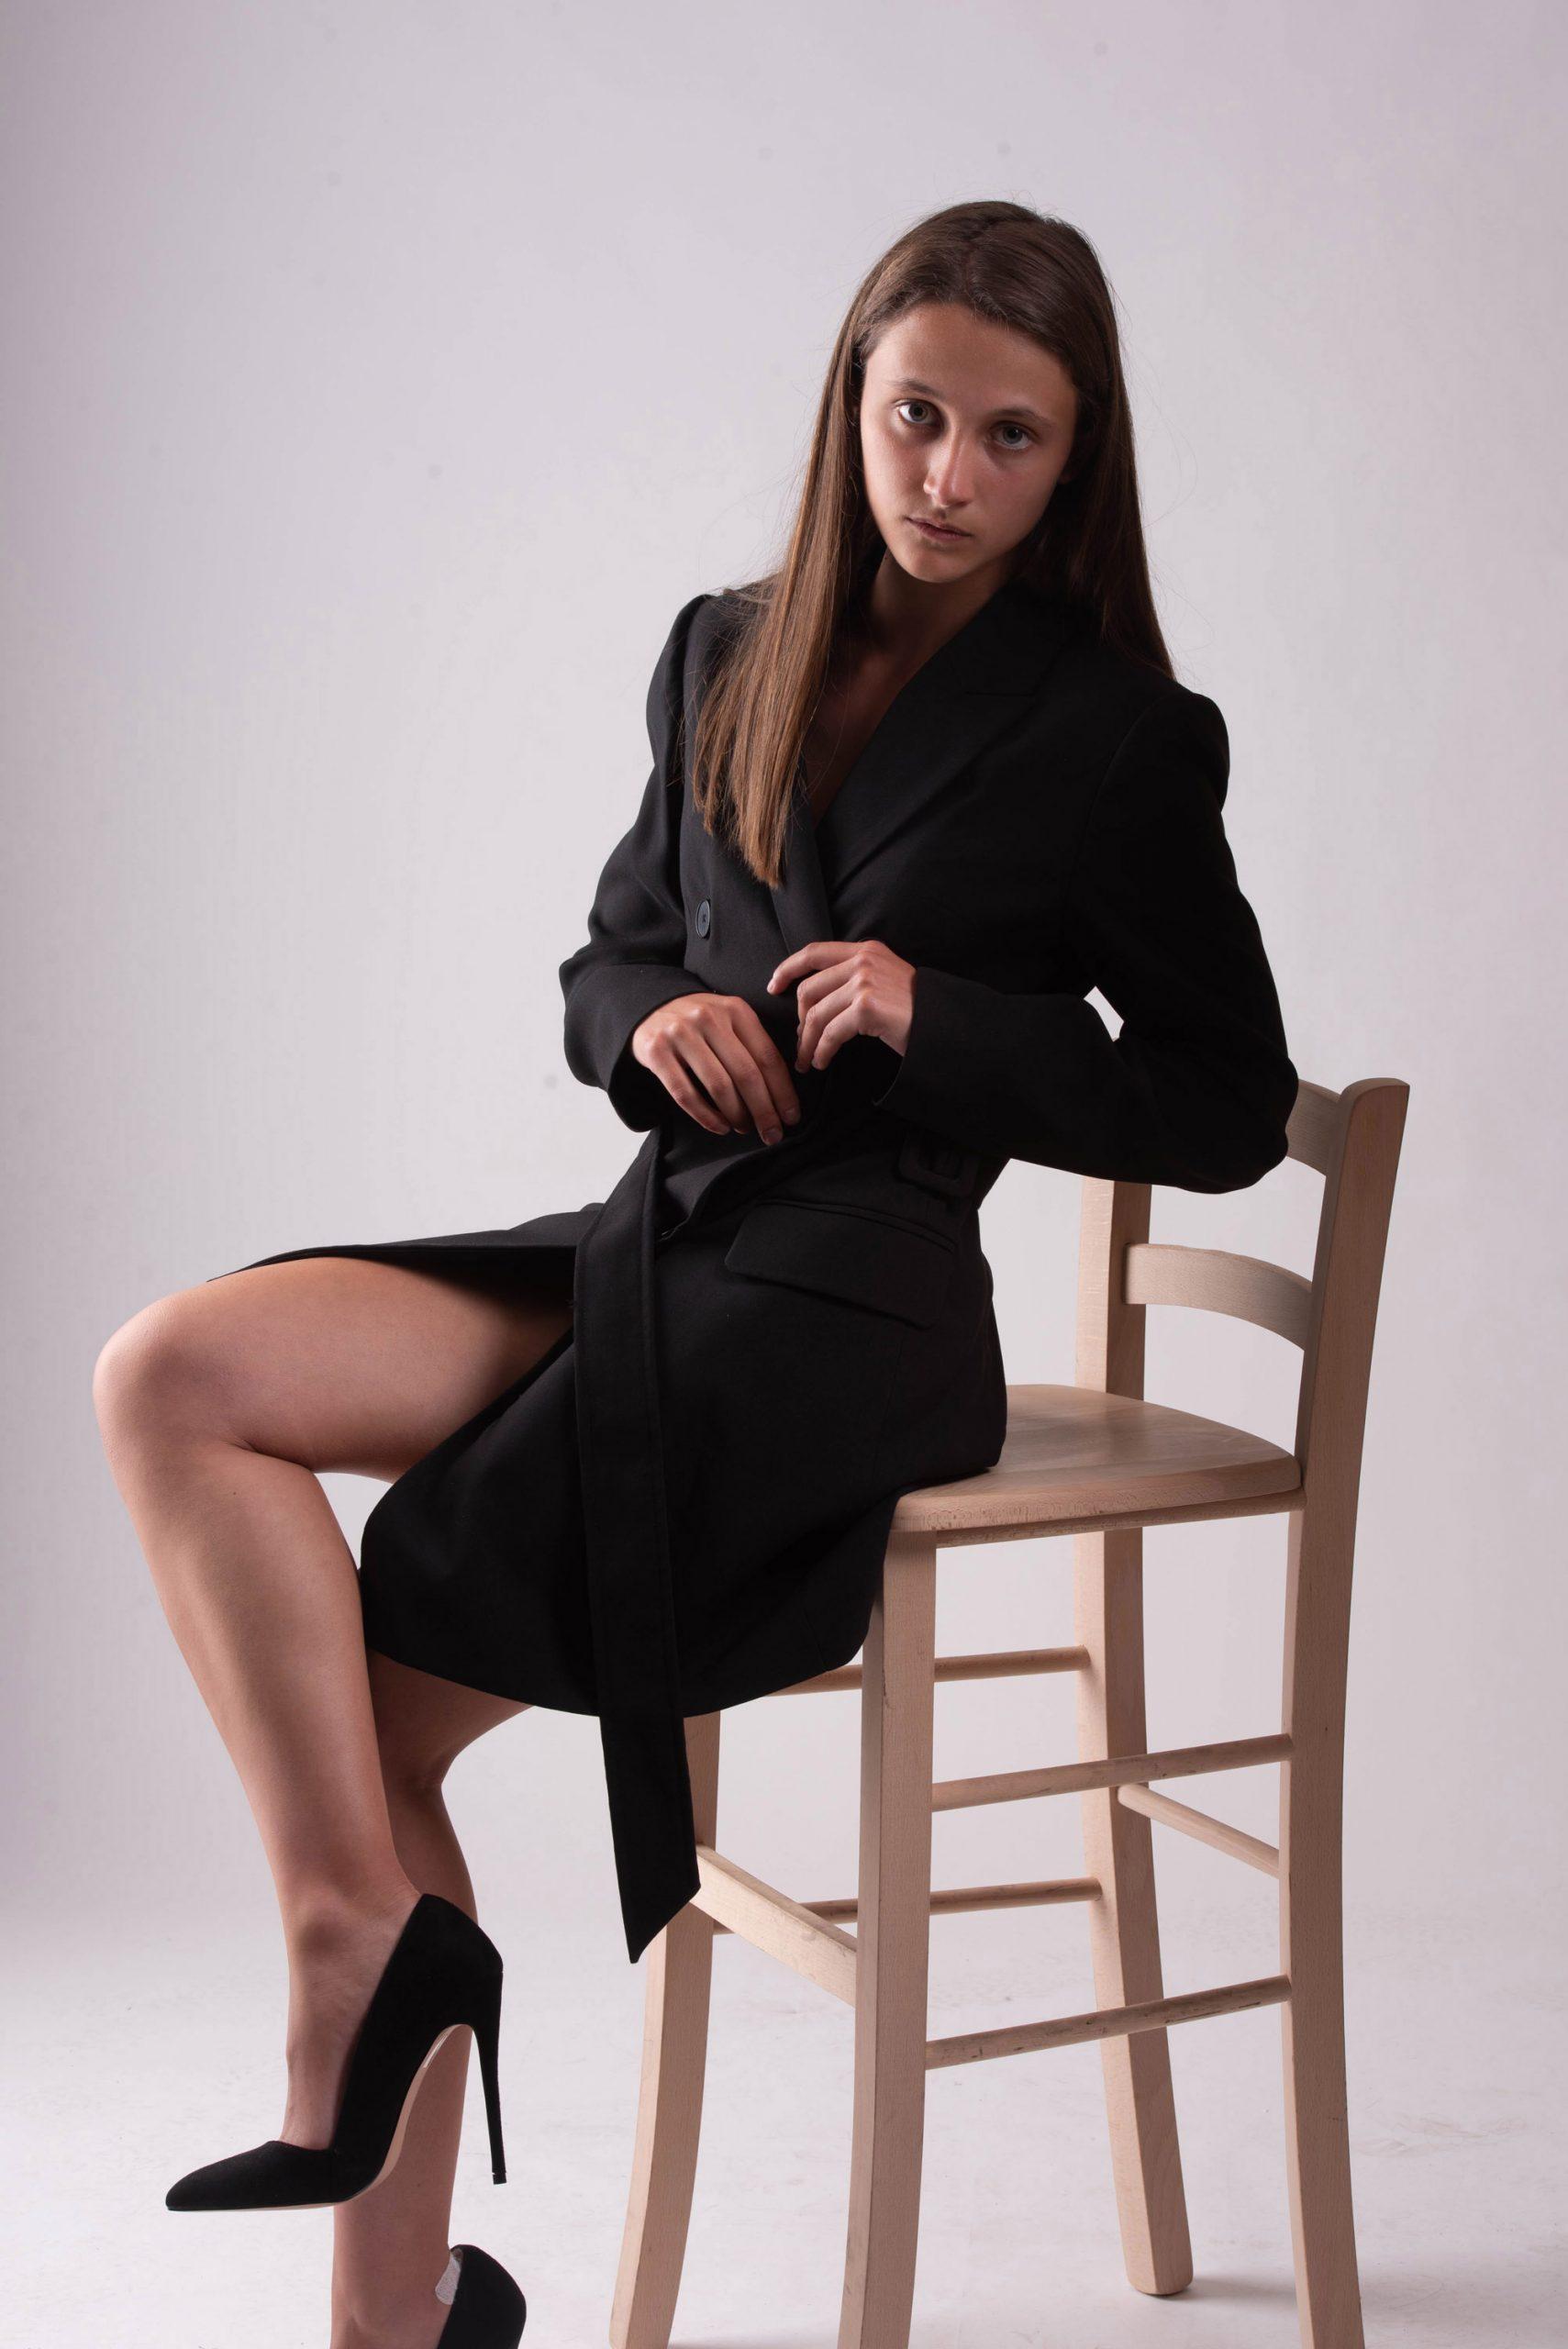 Categoria: Fashion; Photographer: GIANNI BONELLI; Model: ANGELICA MELONI; Location: Studio K2 - Via delle Scuole, 6, Rosia, SI, Italia